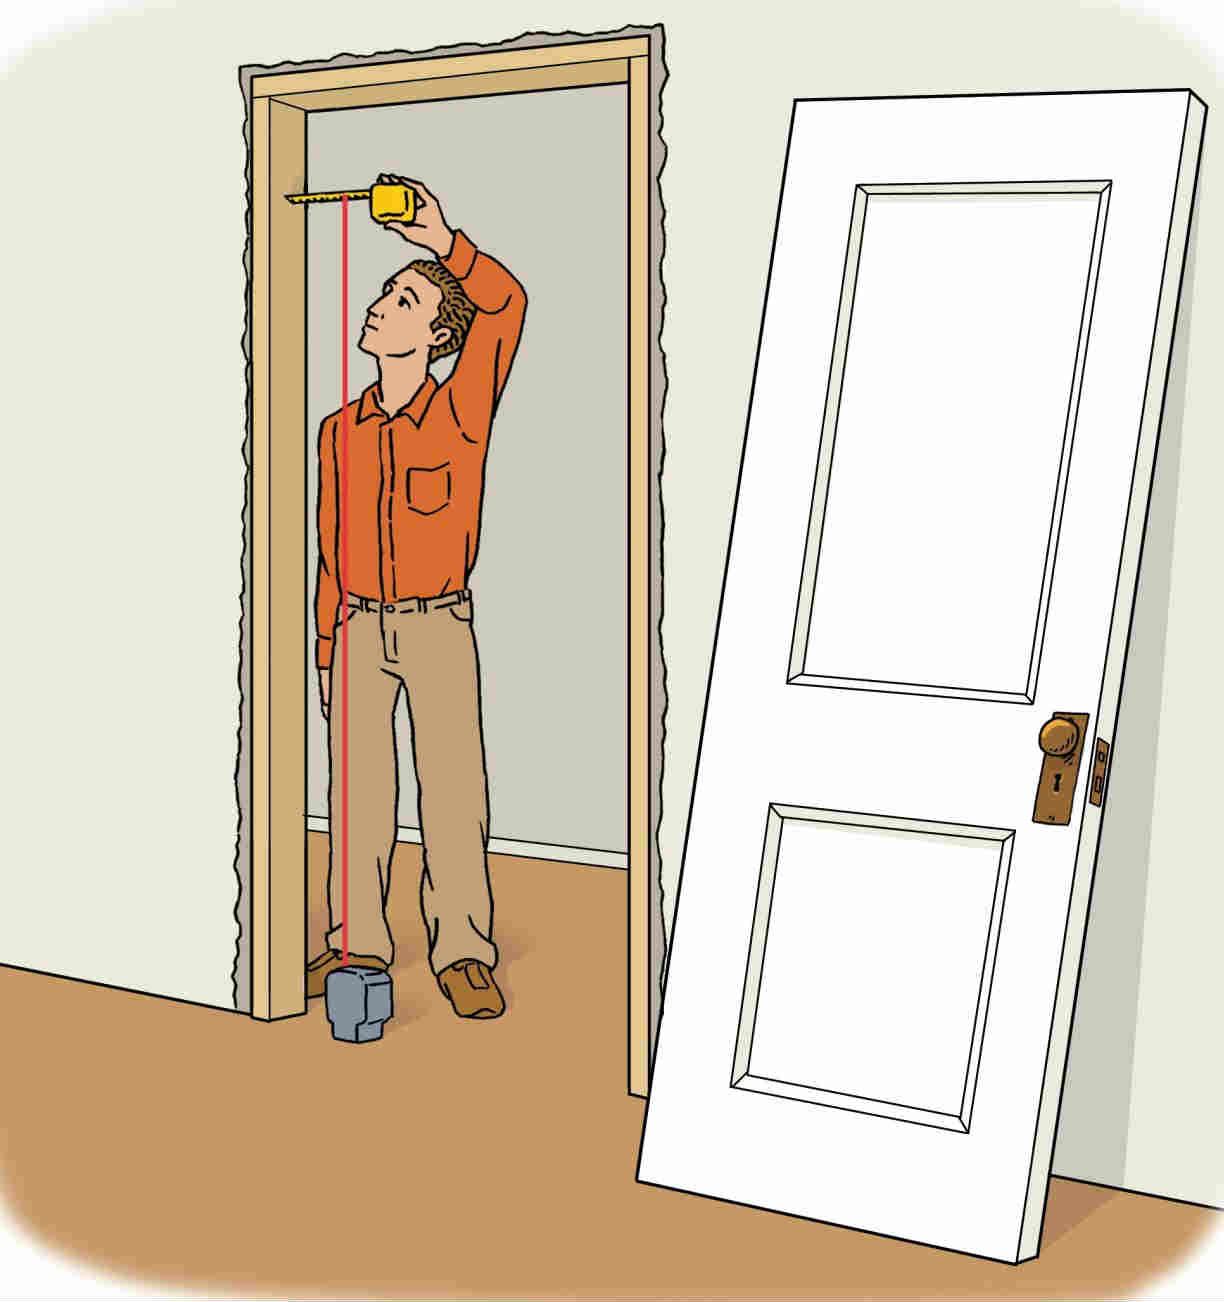 Aplomado del marco de una puerta - Uso del nivel de líneas rojas